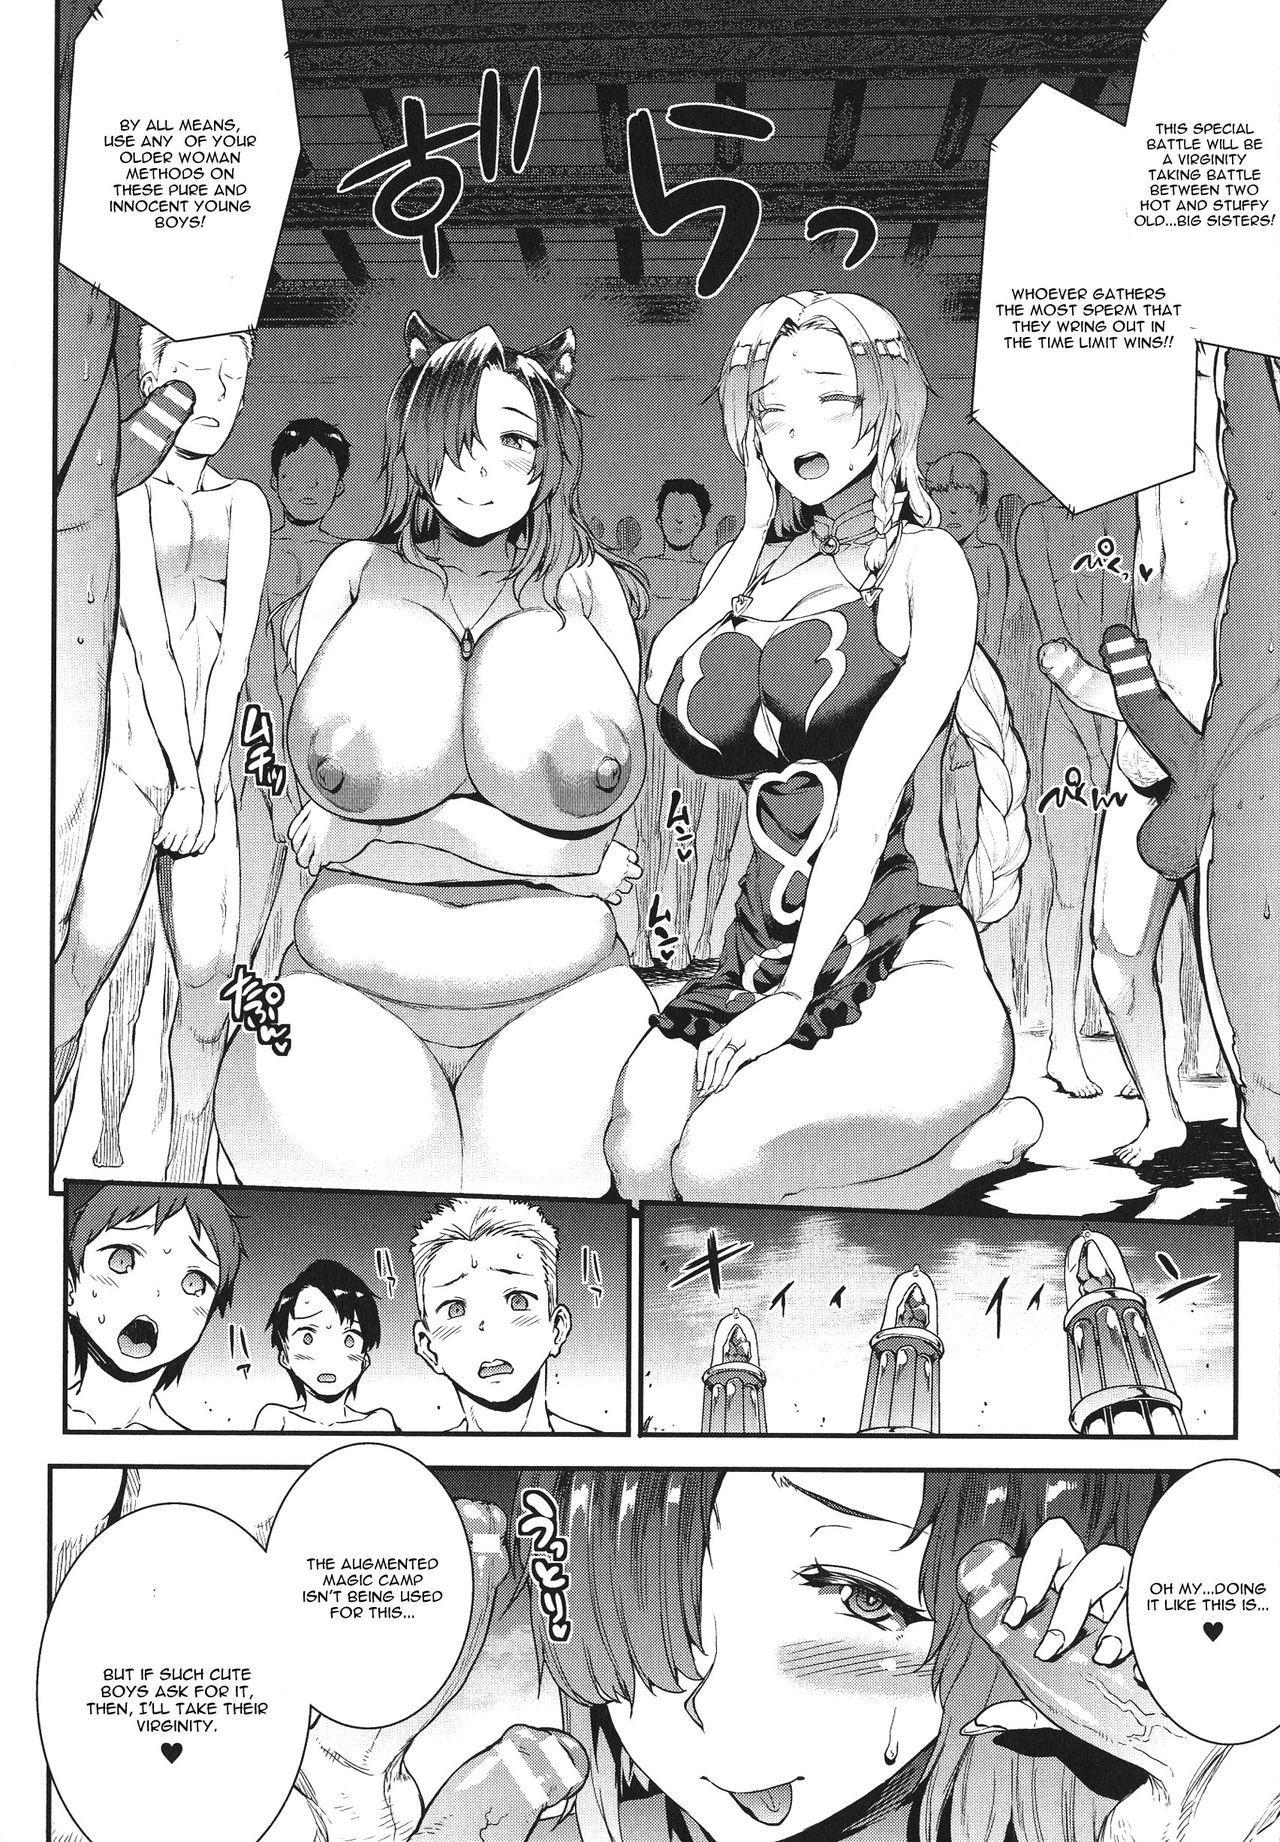 [Erect Sawaru] Raikou Shinki Igis Magia -PANDRA saga 3rd ignition- Ch. 1-6 [English] [CGrascal] 134